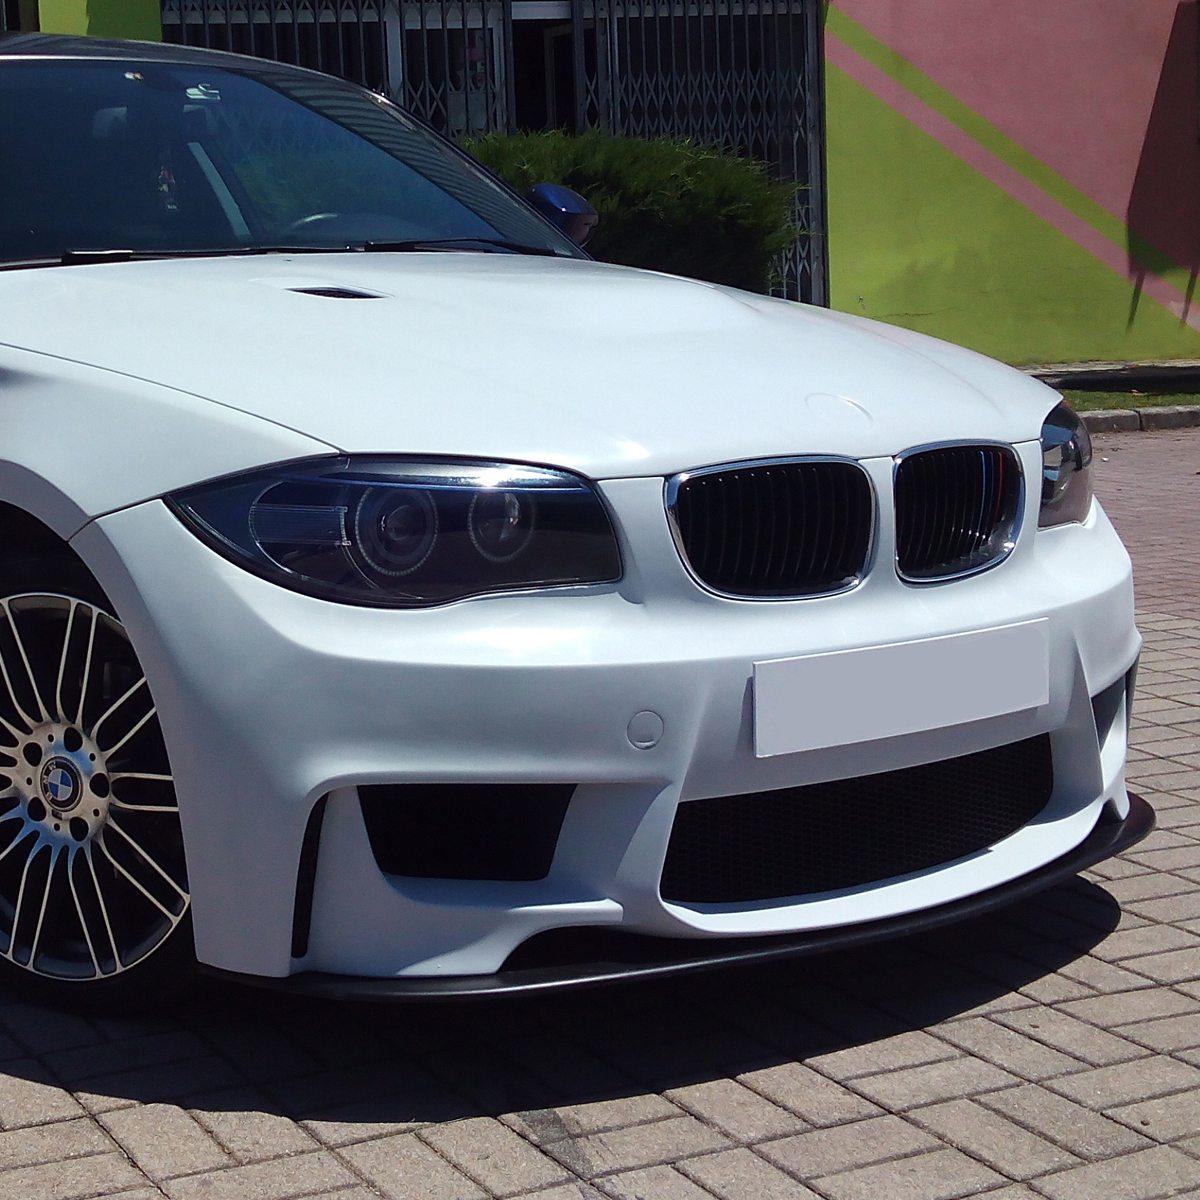 BMW-Serie-1-Para-choques-Frente-Look-M1-s-sup-F.N.-1